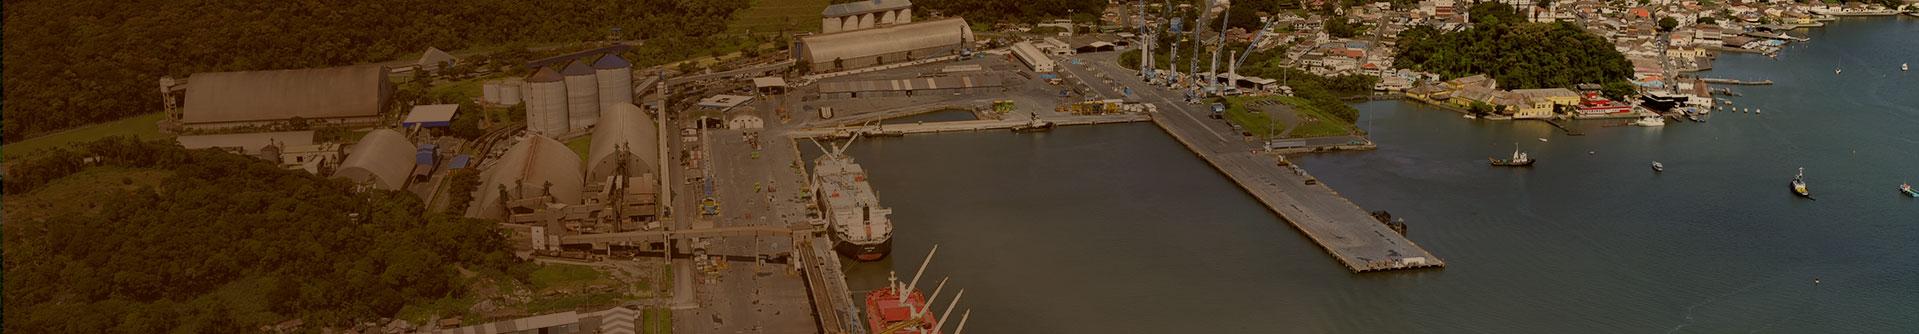 Porto Seco - São Francisco do Sul